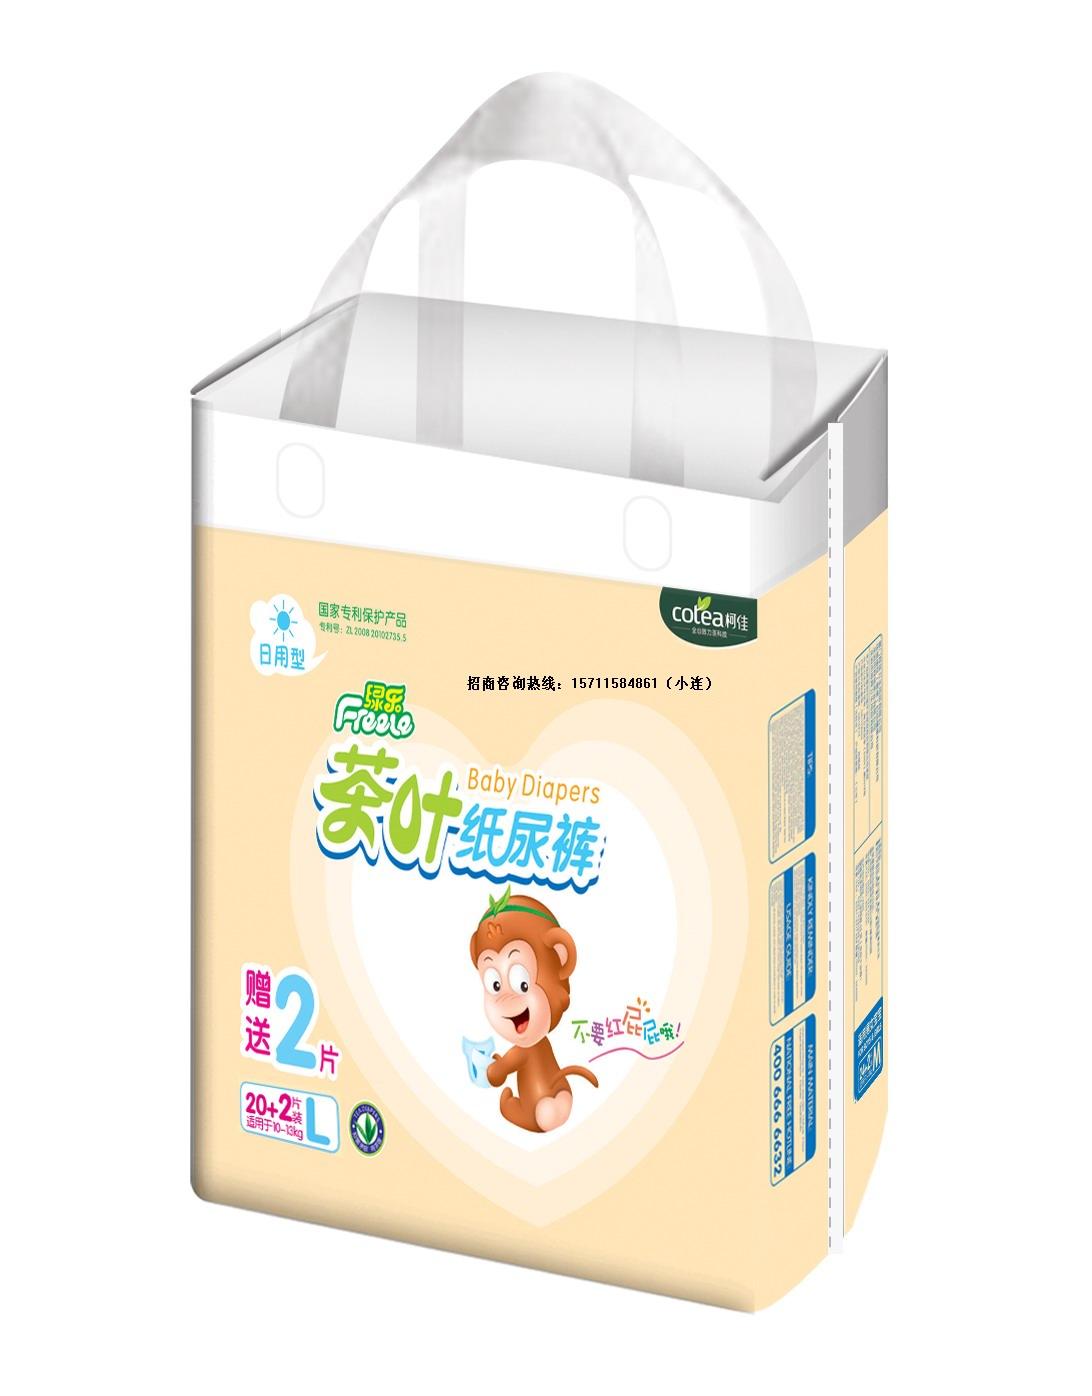 供应绿乐环保茶叶纸尿裤